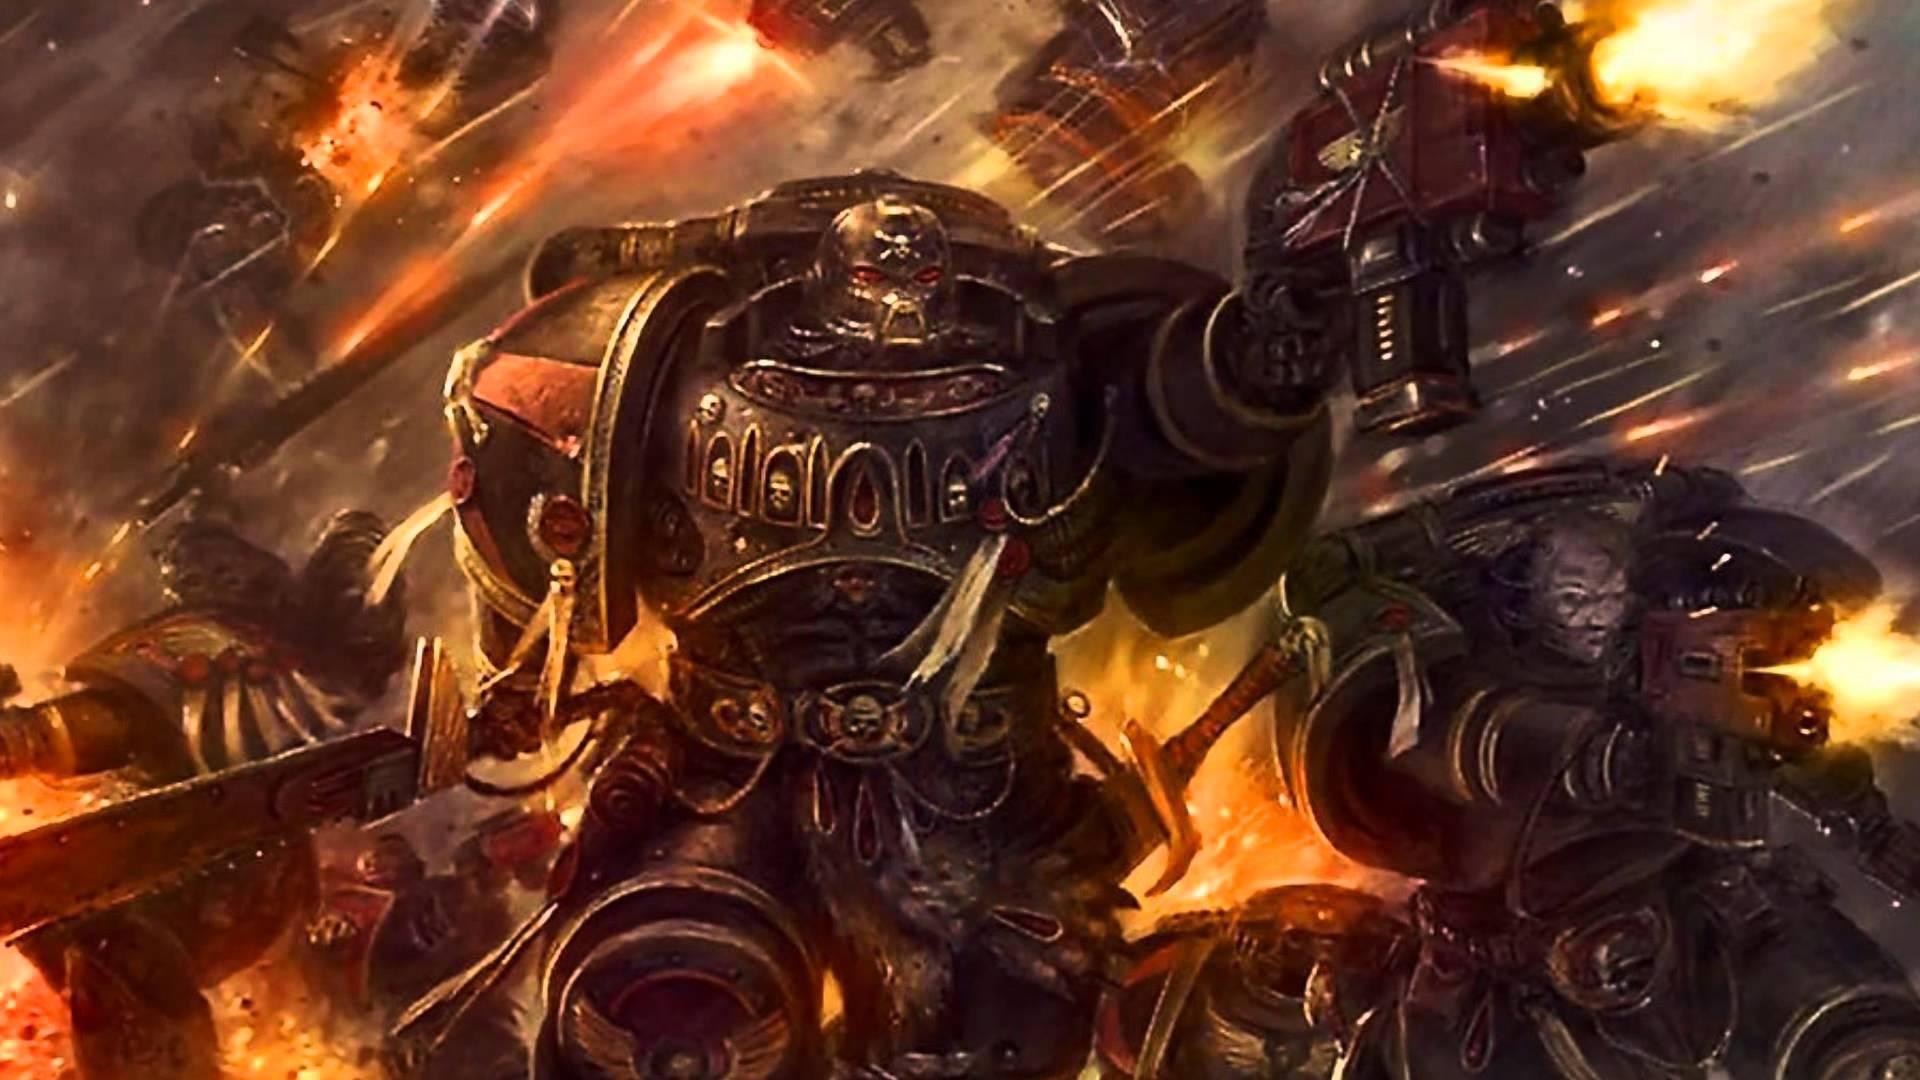 Epic Music Tribute Warhammer Wikihammer 40k Blood Angelswmv 1920x1080